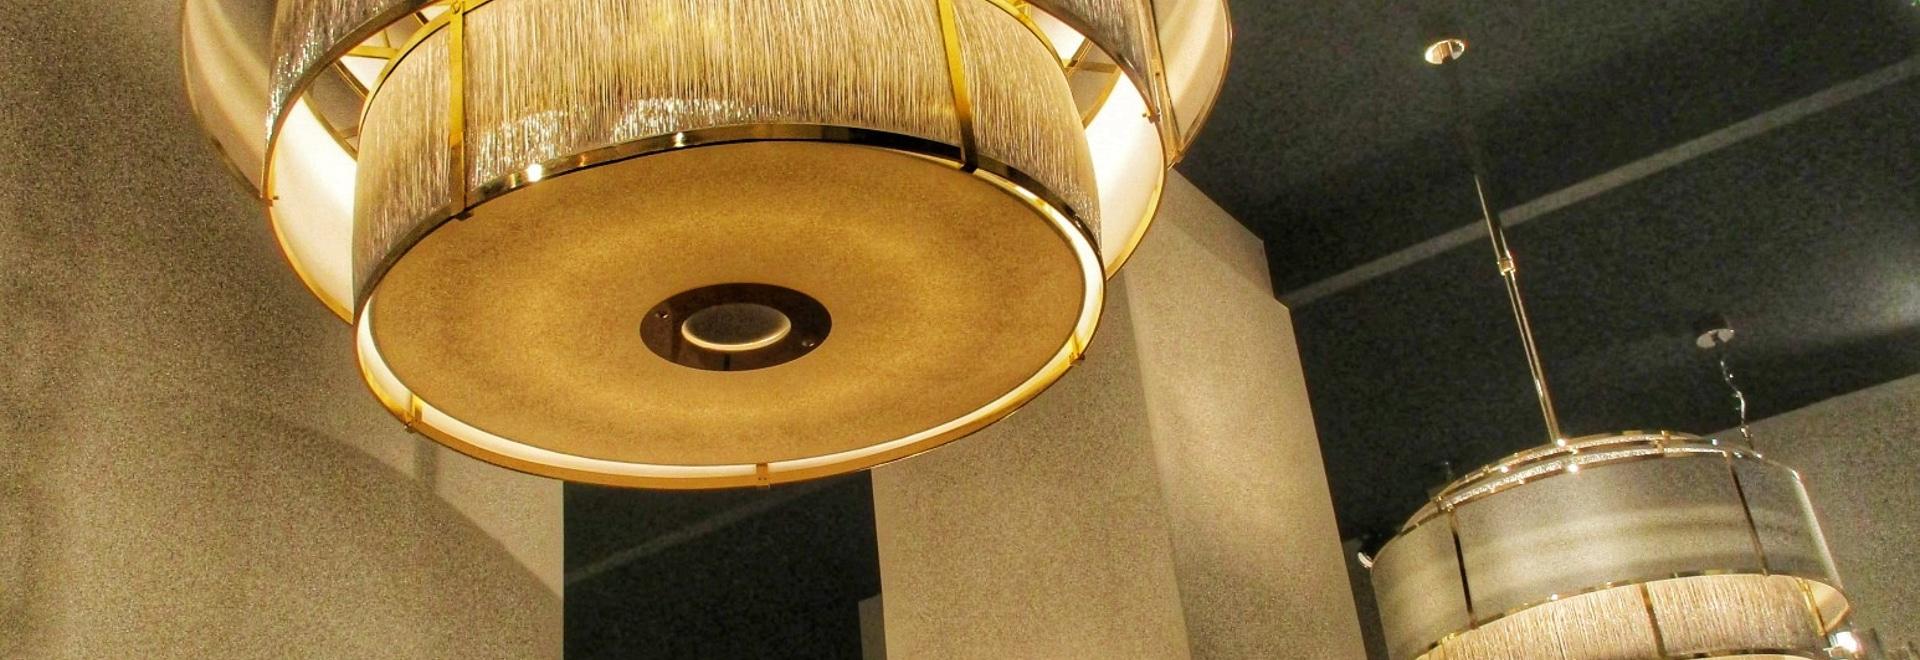 las lámparas diseñan